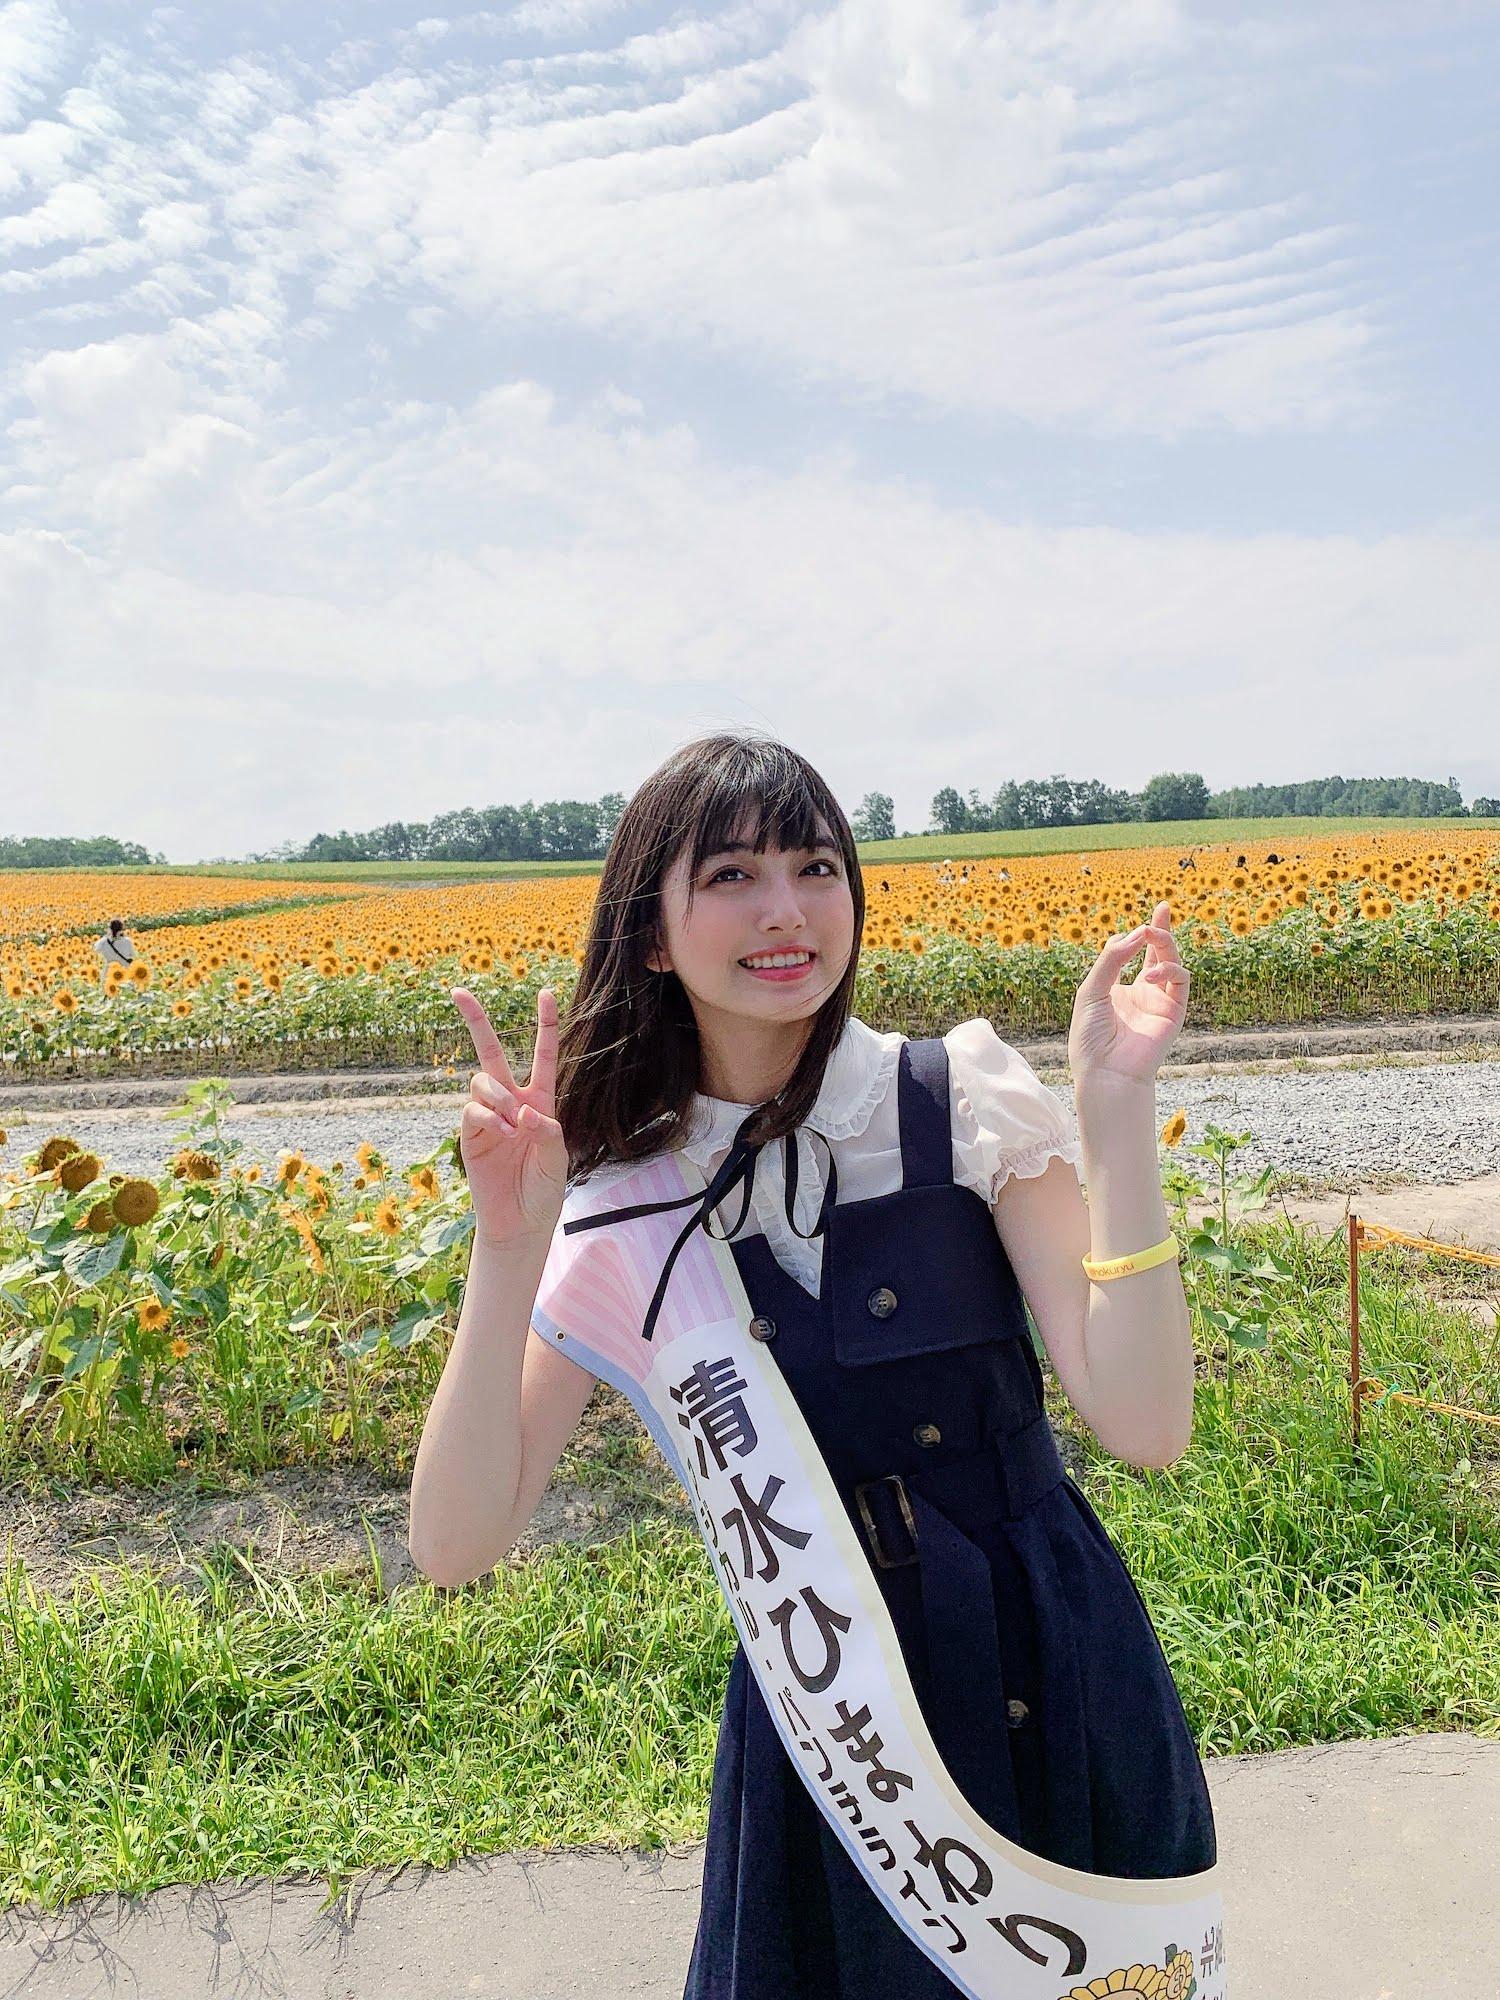 清水ひまわり(マジカル・パンチライン)/北海道北竜町ひまわり観光大使に就任